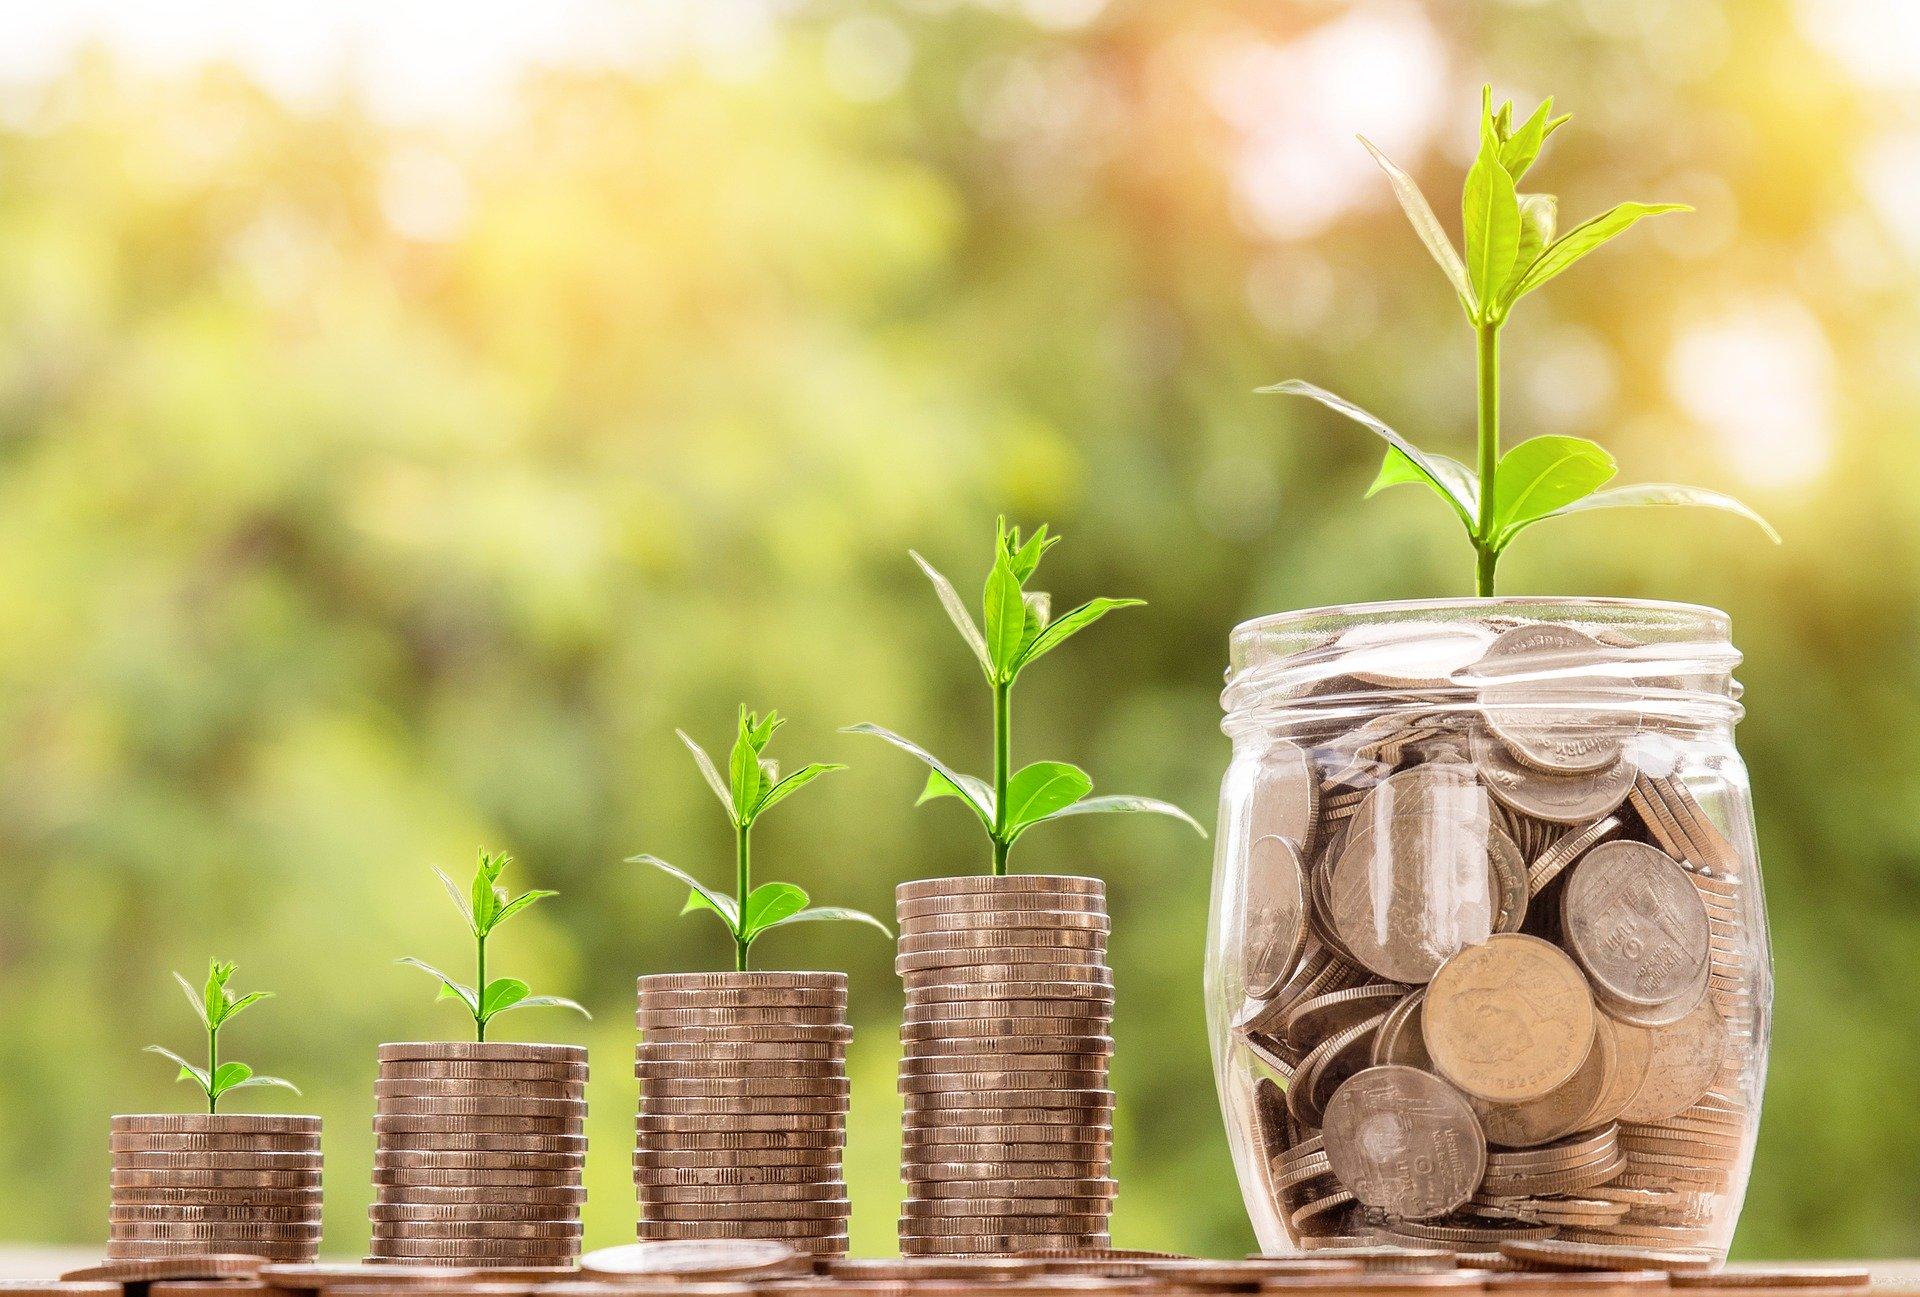 20代後半で年収を上げる4つの方法【昇給・転職・副業・起業】